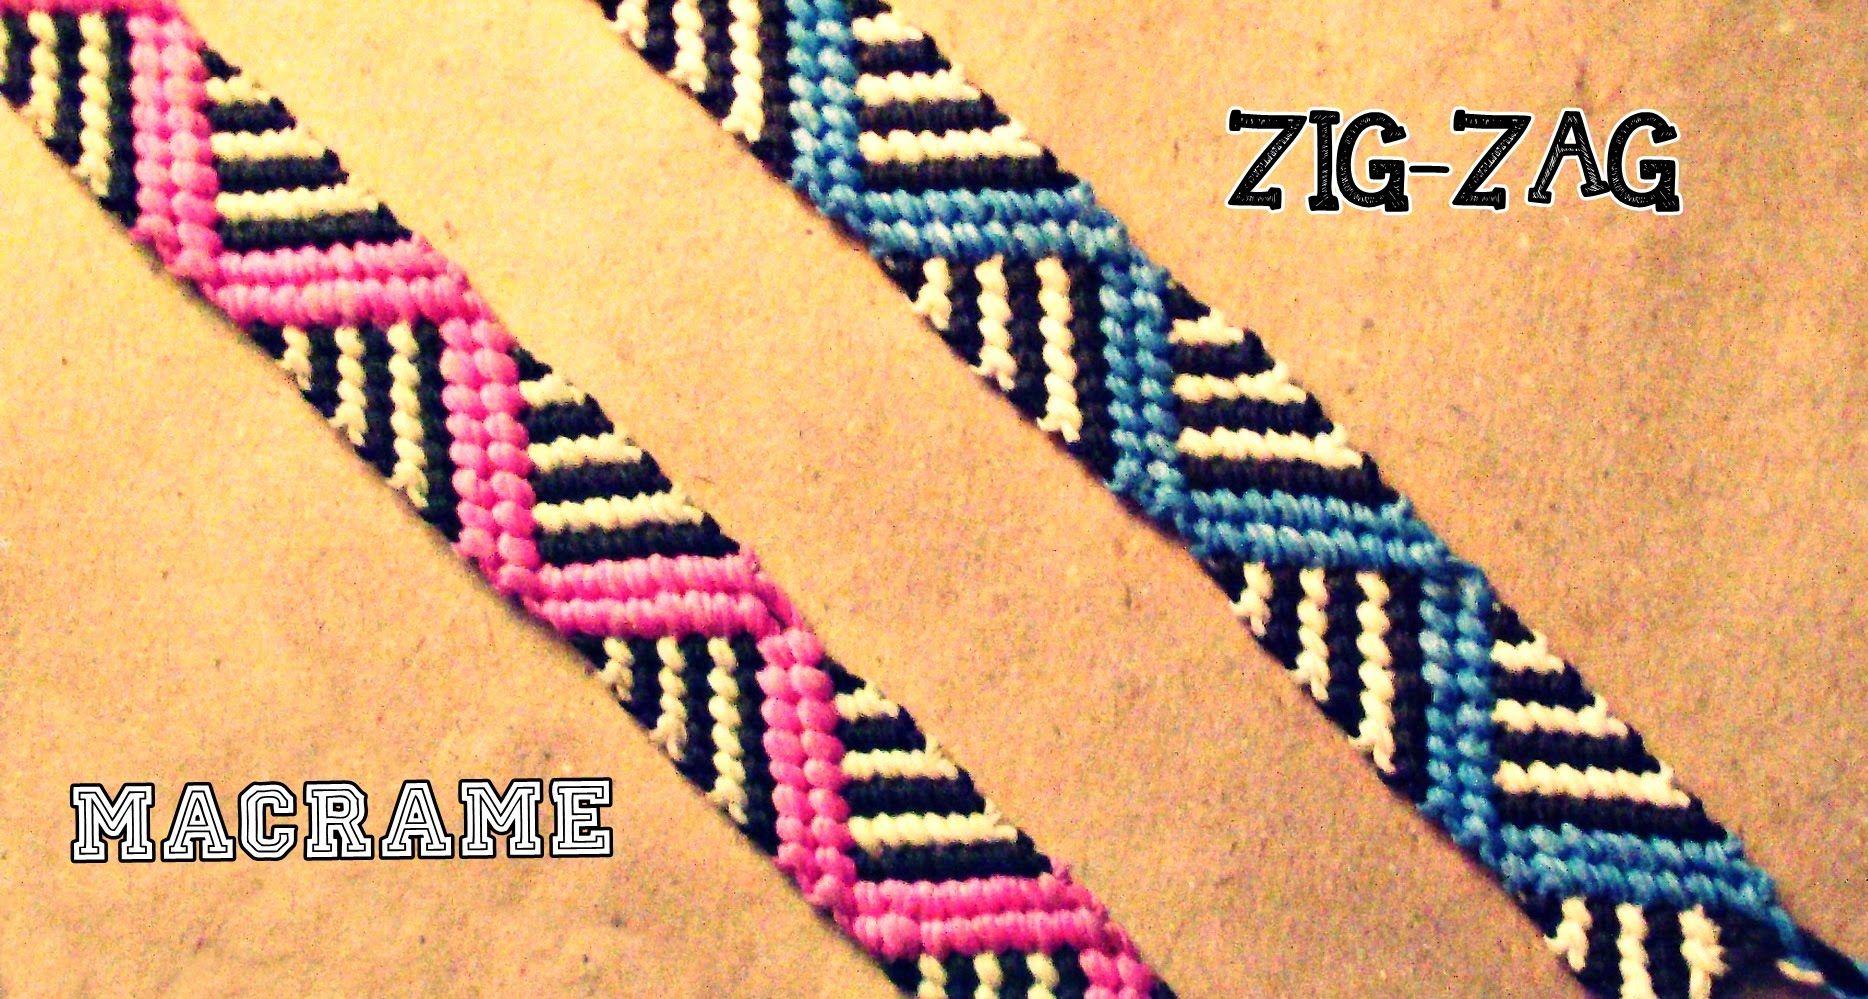 474dc81095df Como hacer una pulsera de hilo ZIGZAG 2➢ MACRAME | Macrame video ...